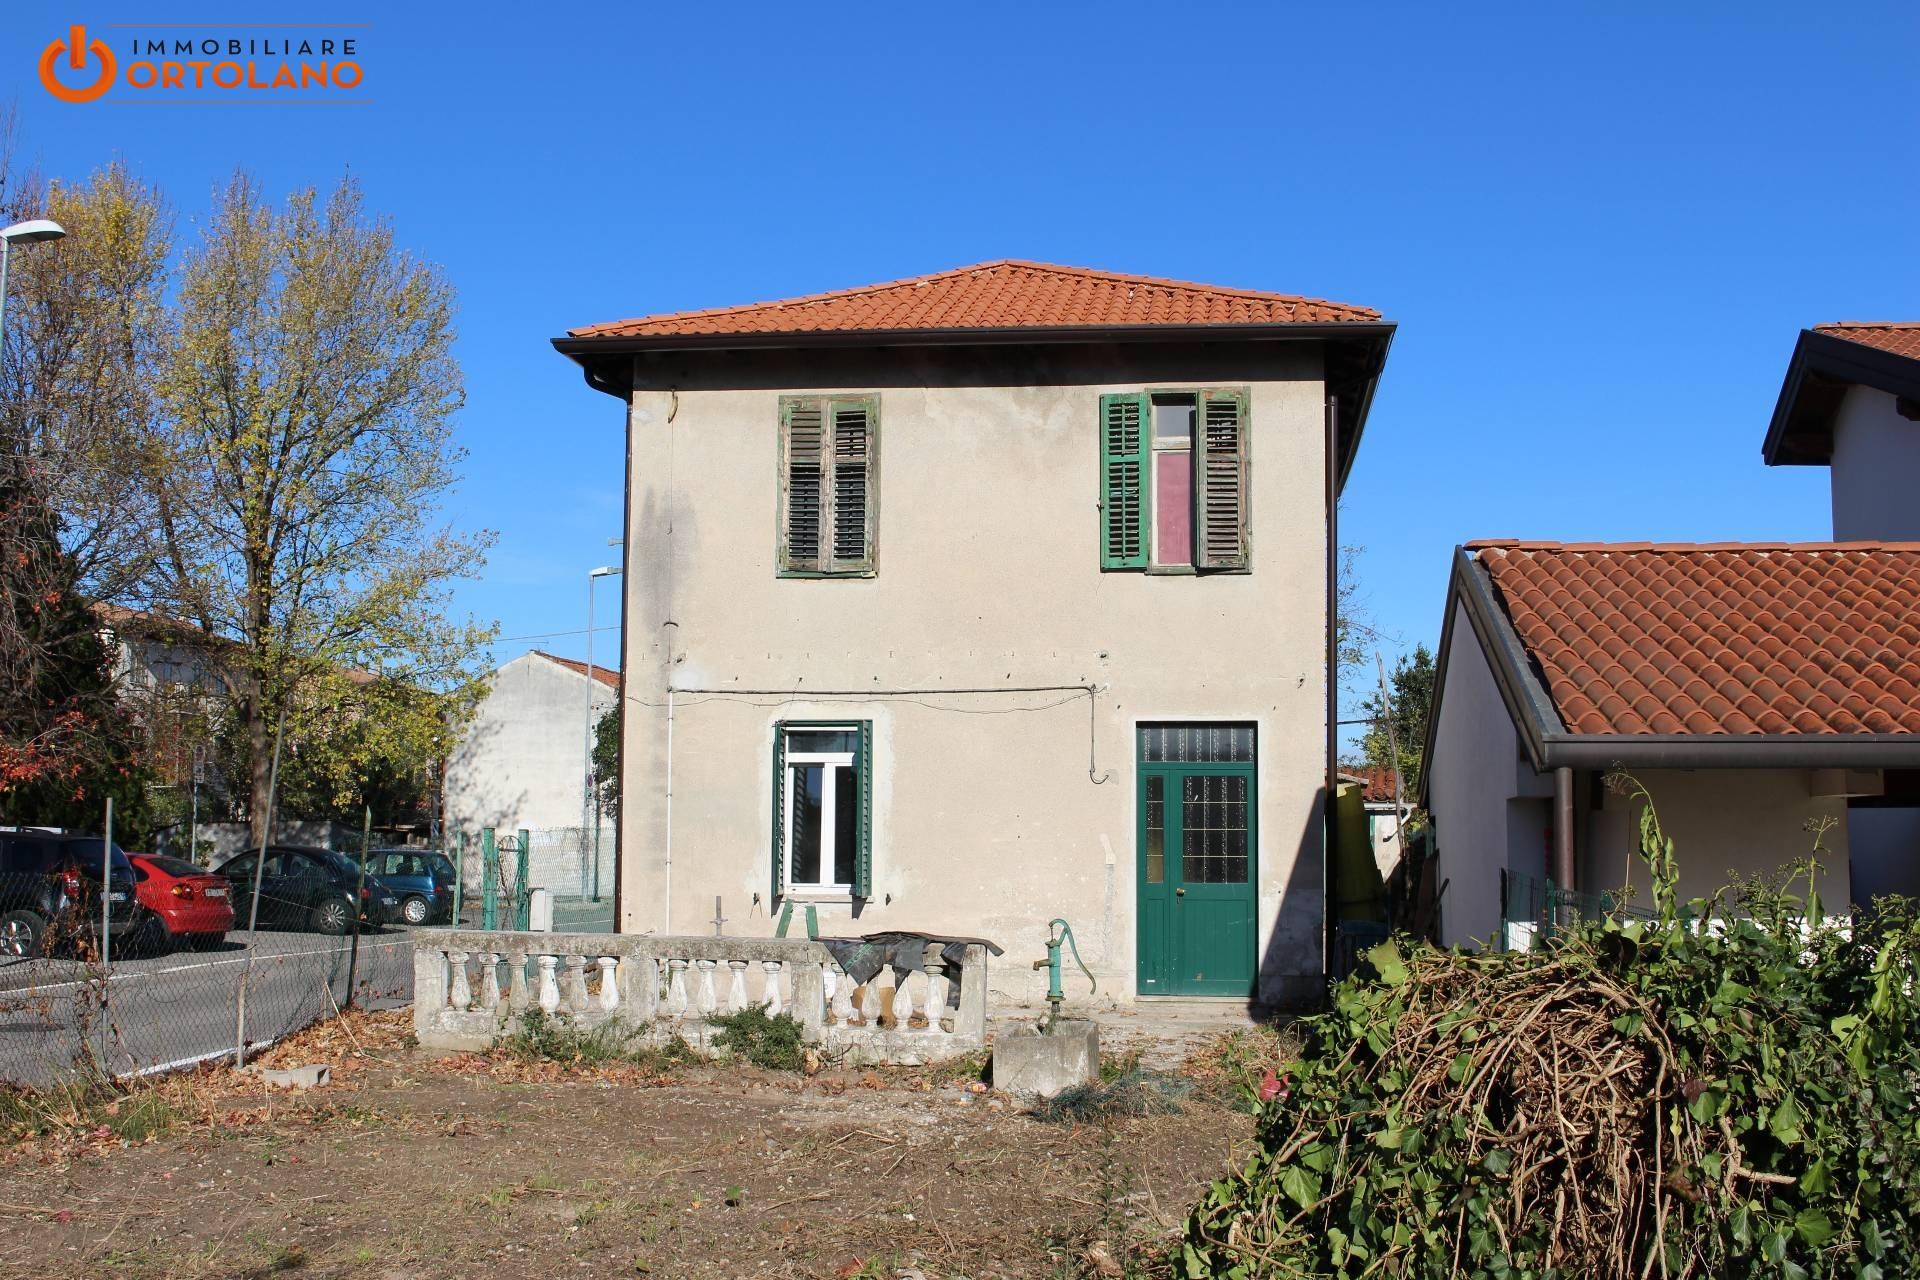 Soluzione Indipendente in vendita a Monfalcone, 10 locali, zona Zona: Aris, prezzo € 85.000 | CambioCasa.it